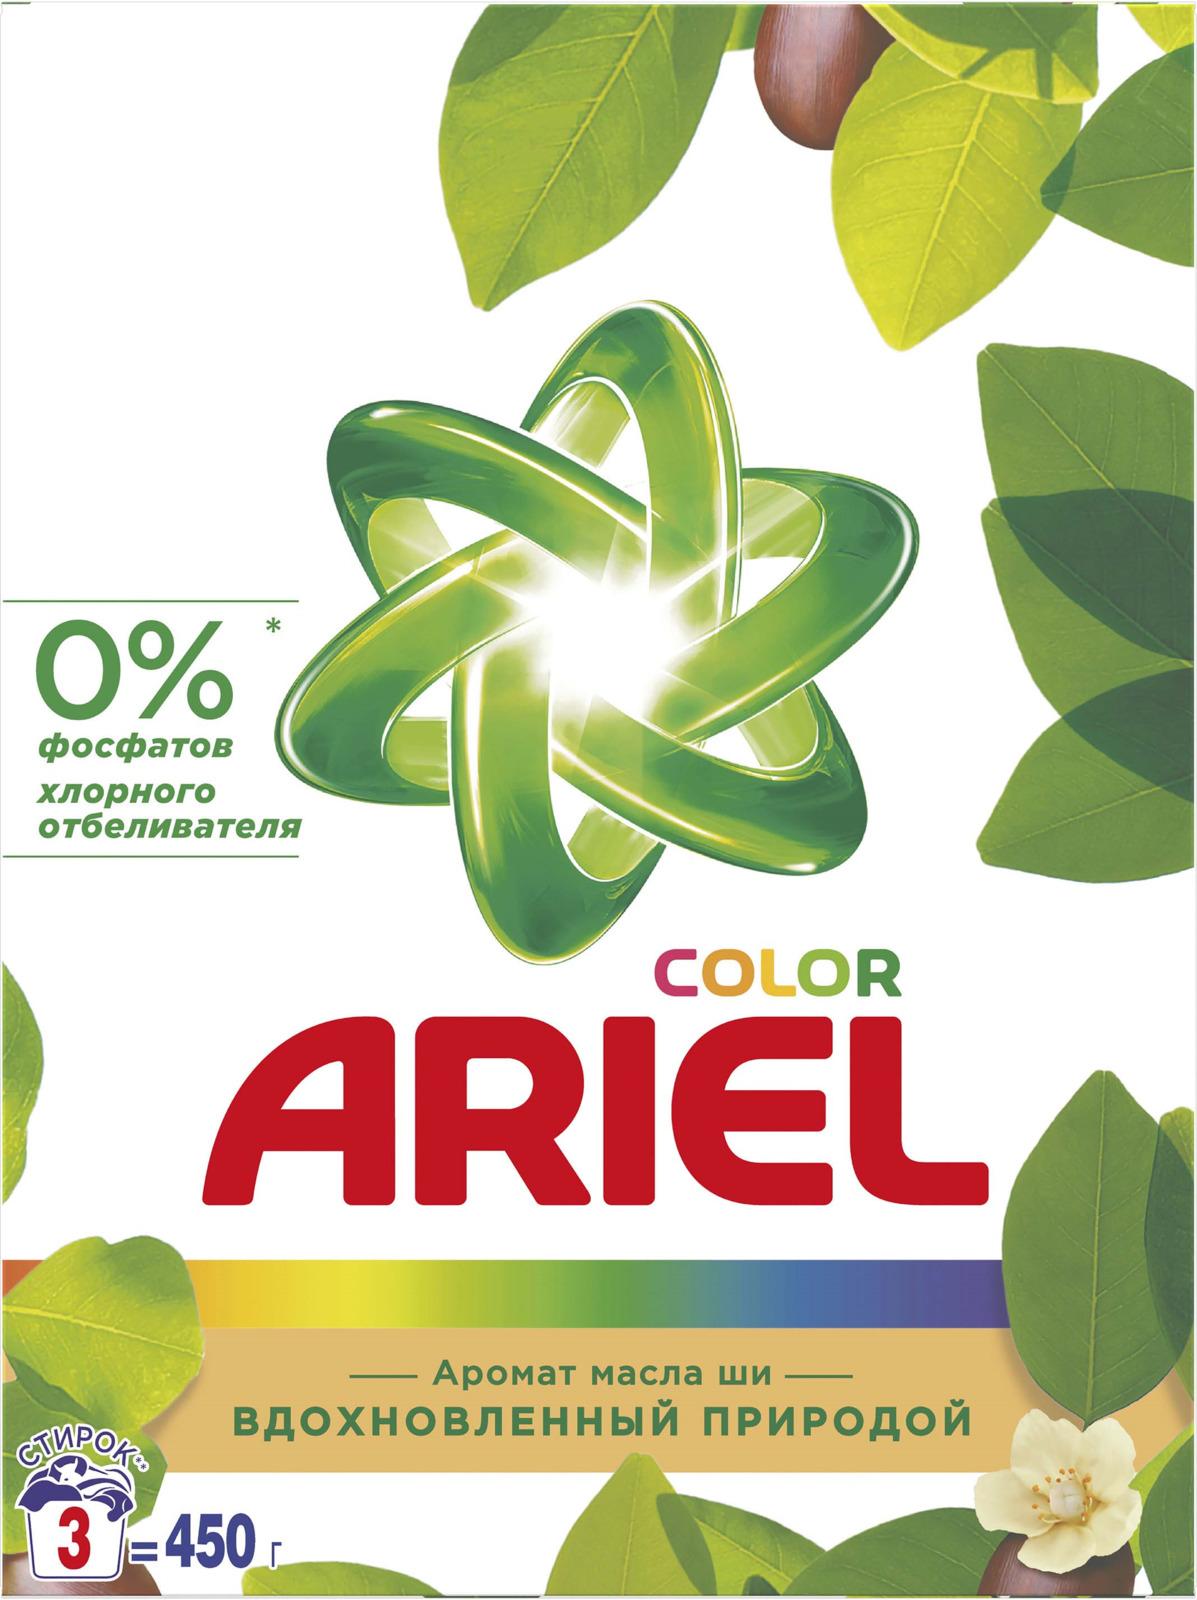 Стиральный порошок Ariel Automat. Масло Ши, 450 г